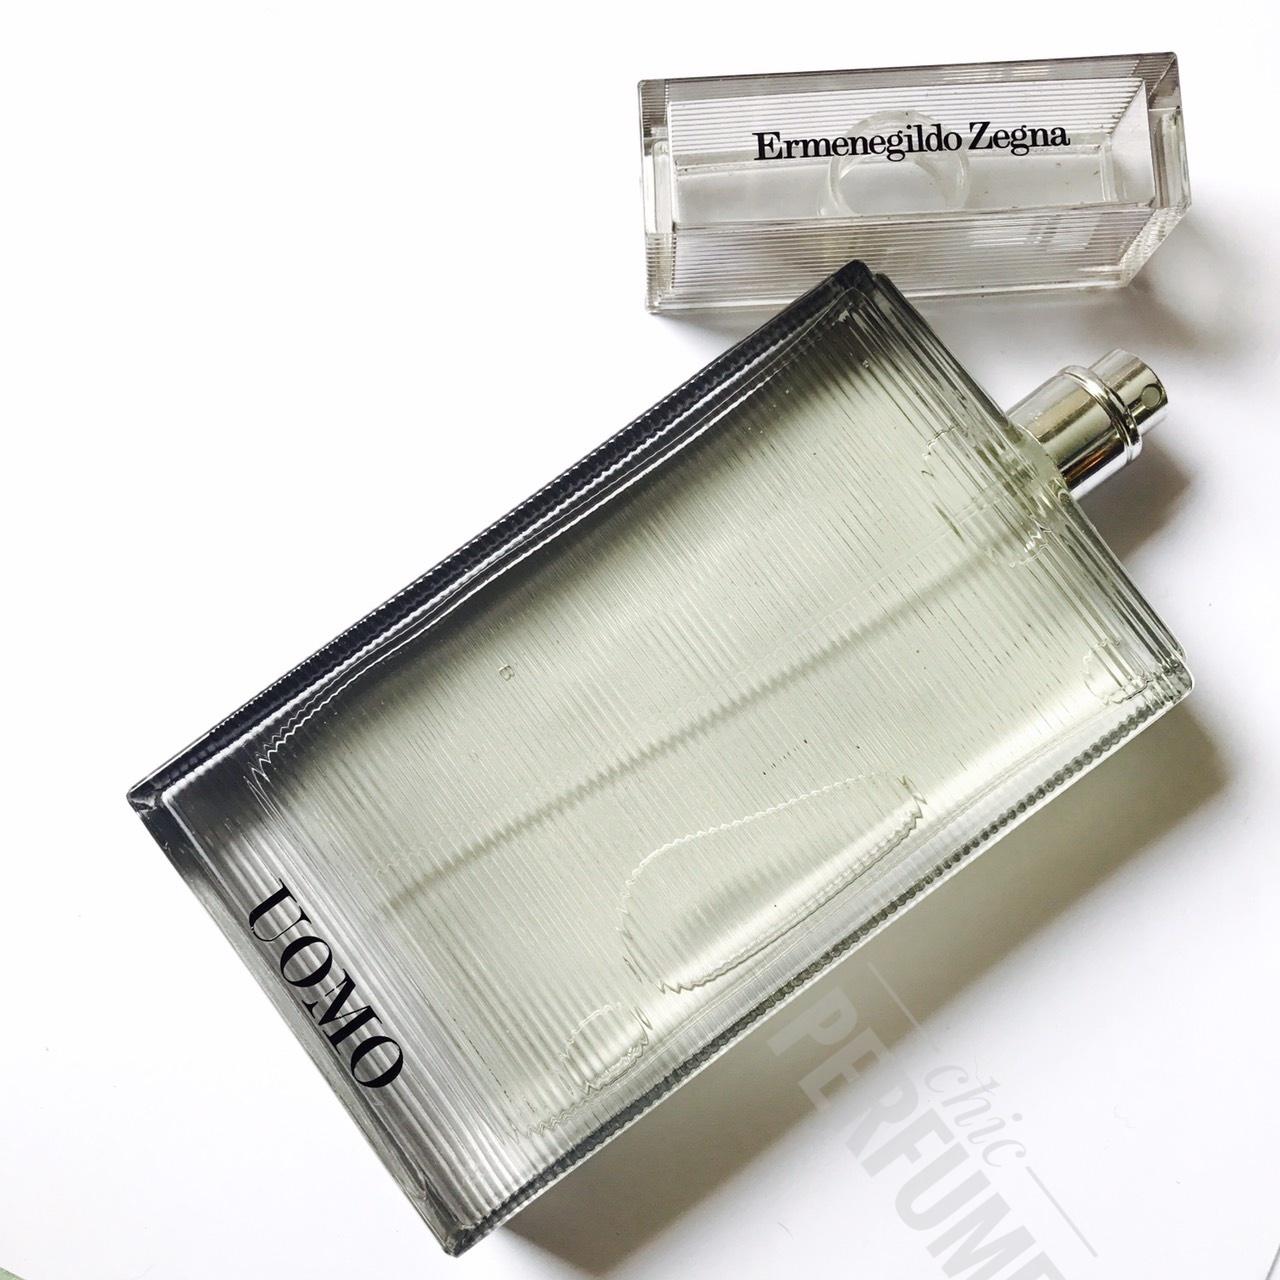 น้ำหอม Ermenegildo Zegna Uomo EDT 100 ml.